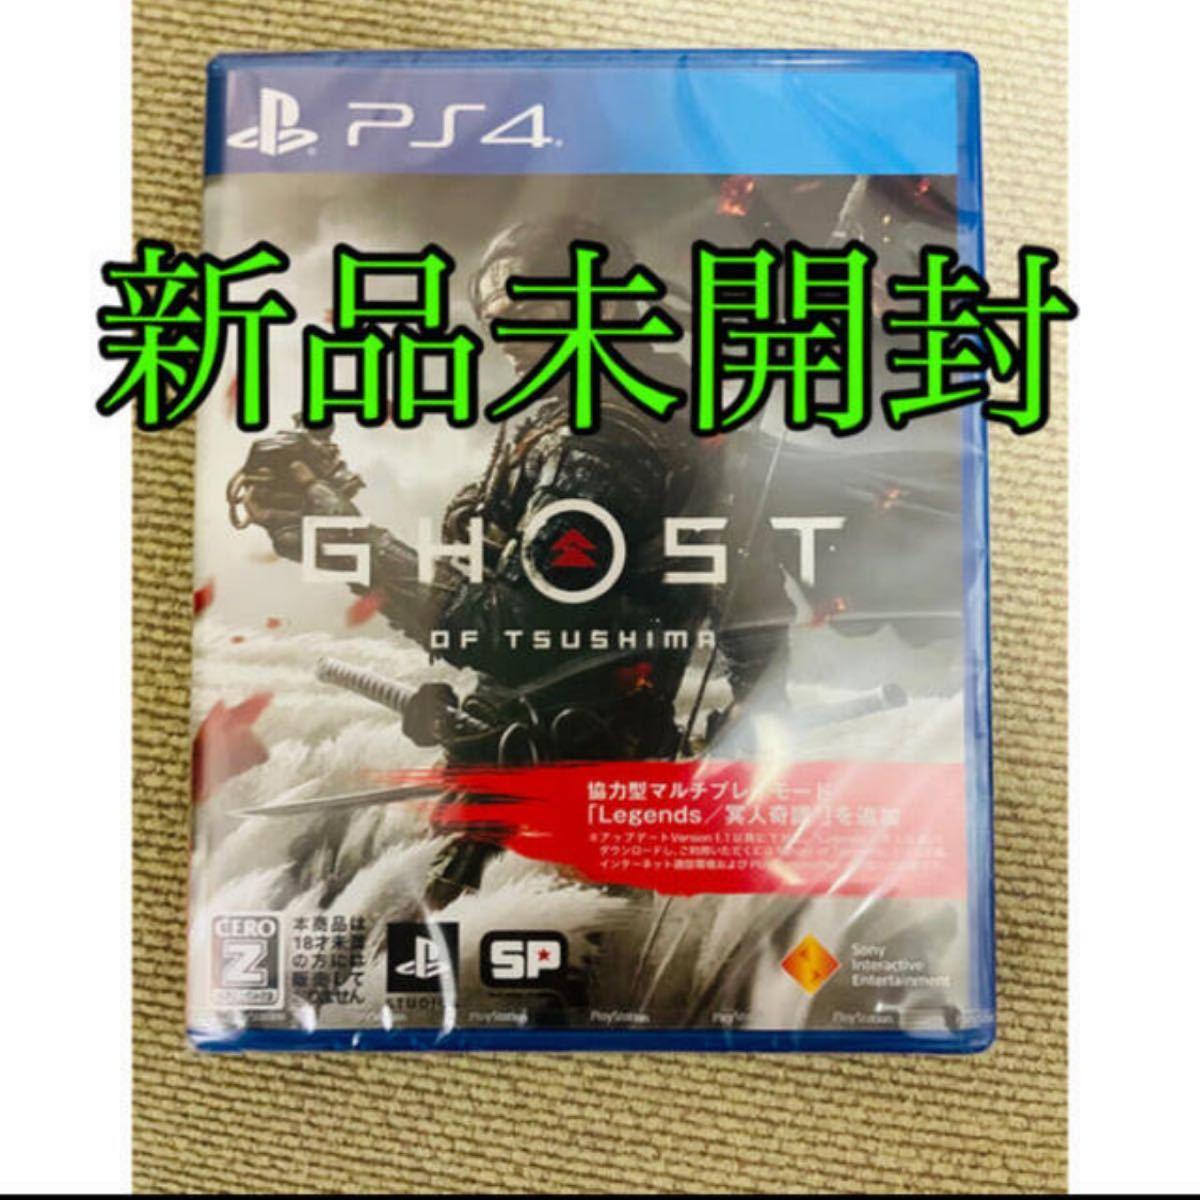 【新品未開封】Ghost of Tsushima(ゴースト・オブ・ツシマ)PS4